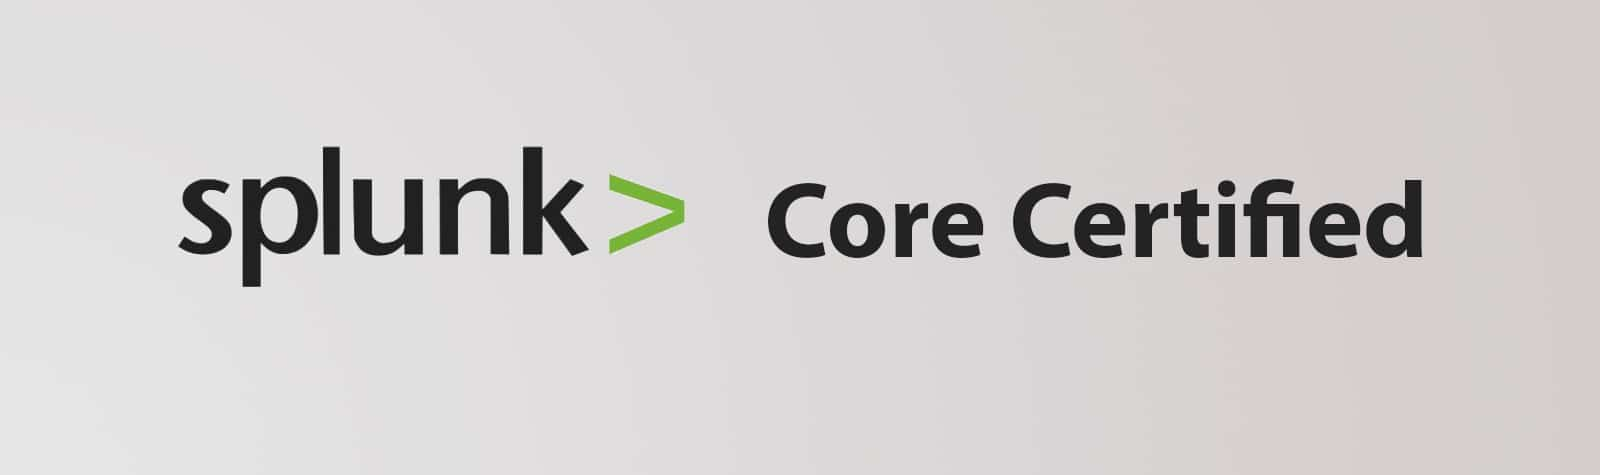 Splunk Core Certified